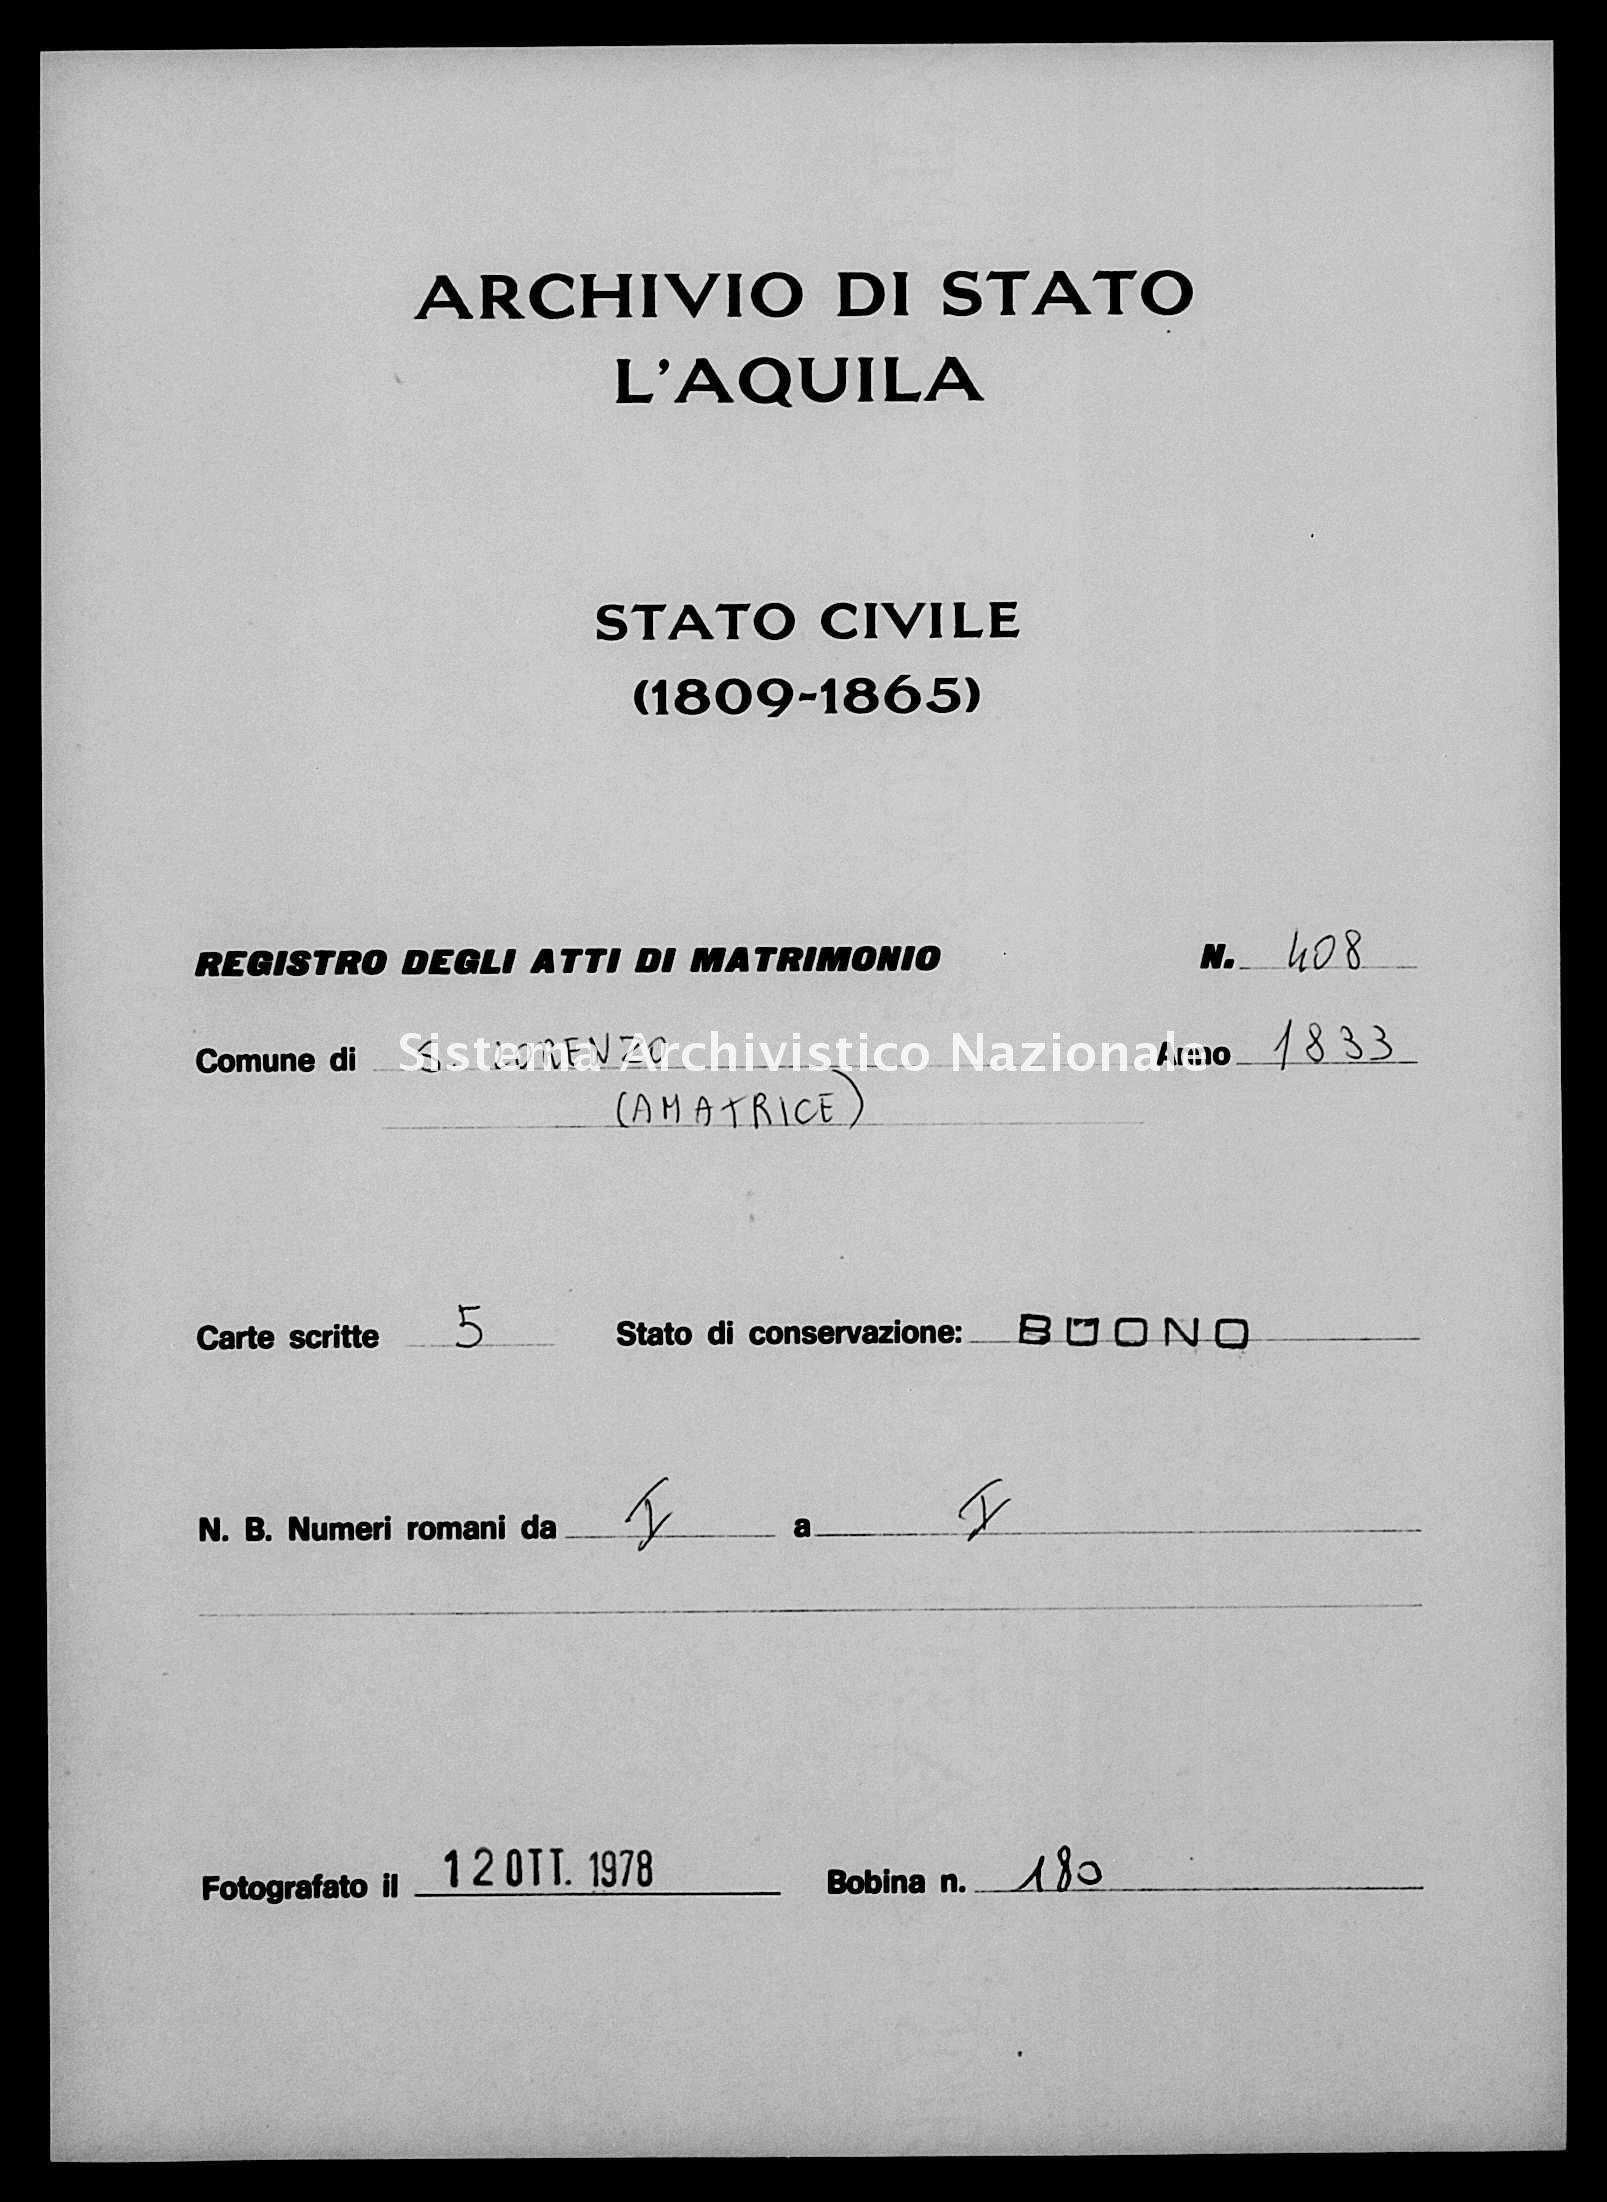 Archivio di stato di L'aquila - Stato civile della restaurazione - San Lorenzo - Matrimoni - 1833 - 408 -